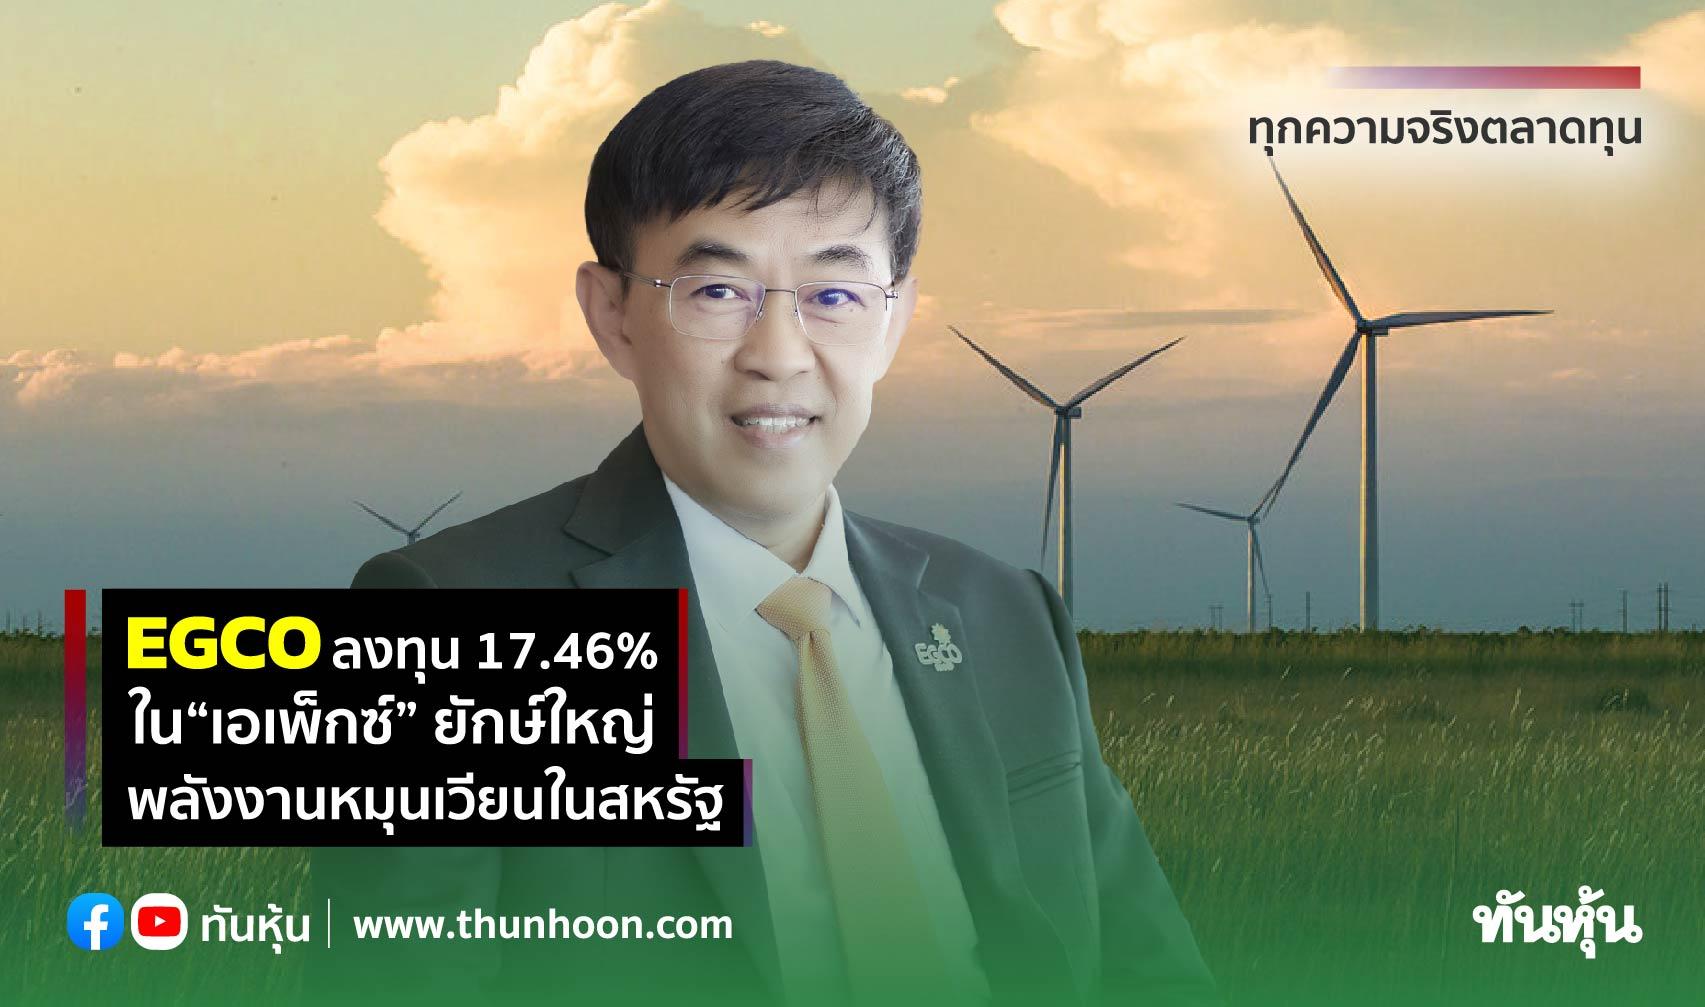 """EGCO จะลงทุน 17.46% ใน""""เอเพ็กซ์"""" ยักษ์ใหญ่พลังงานหมุนเวียนในสหรัฐ"""